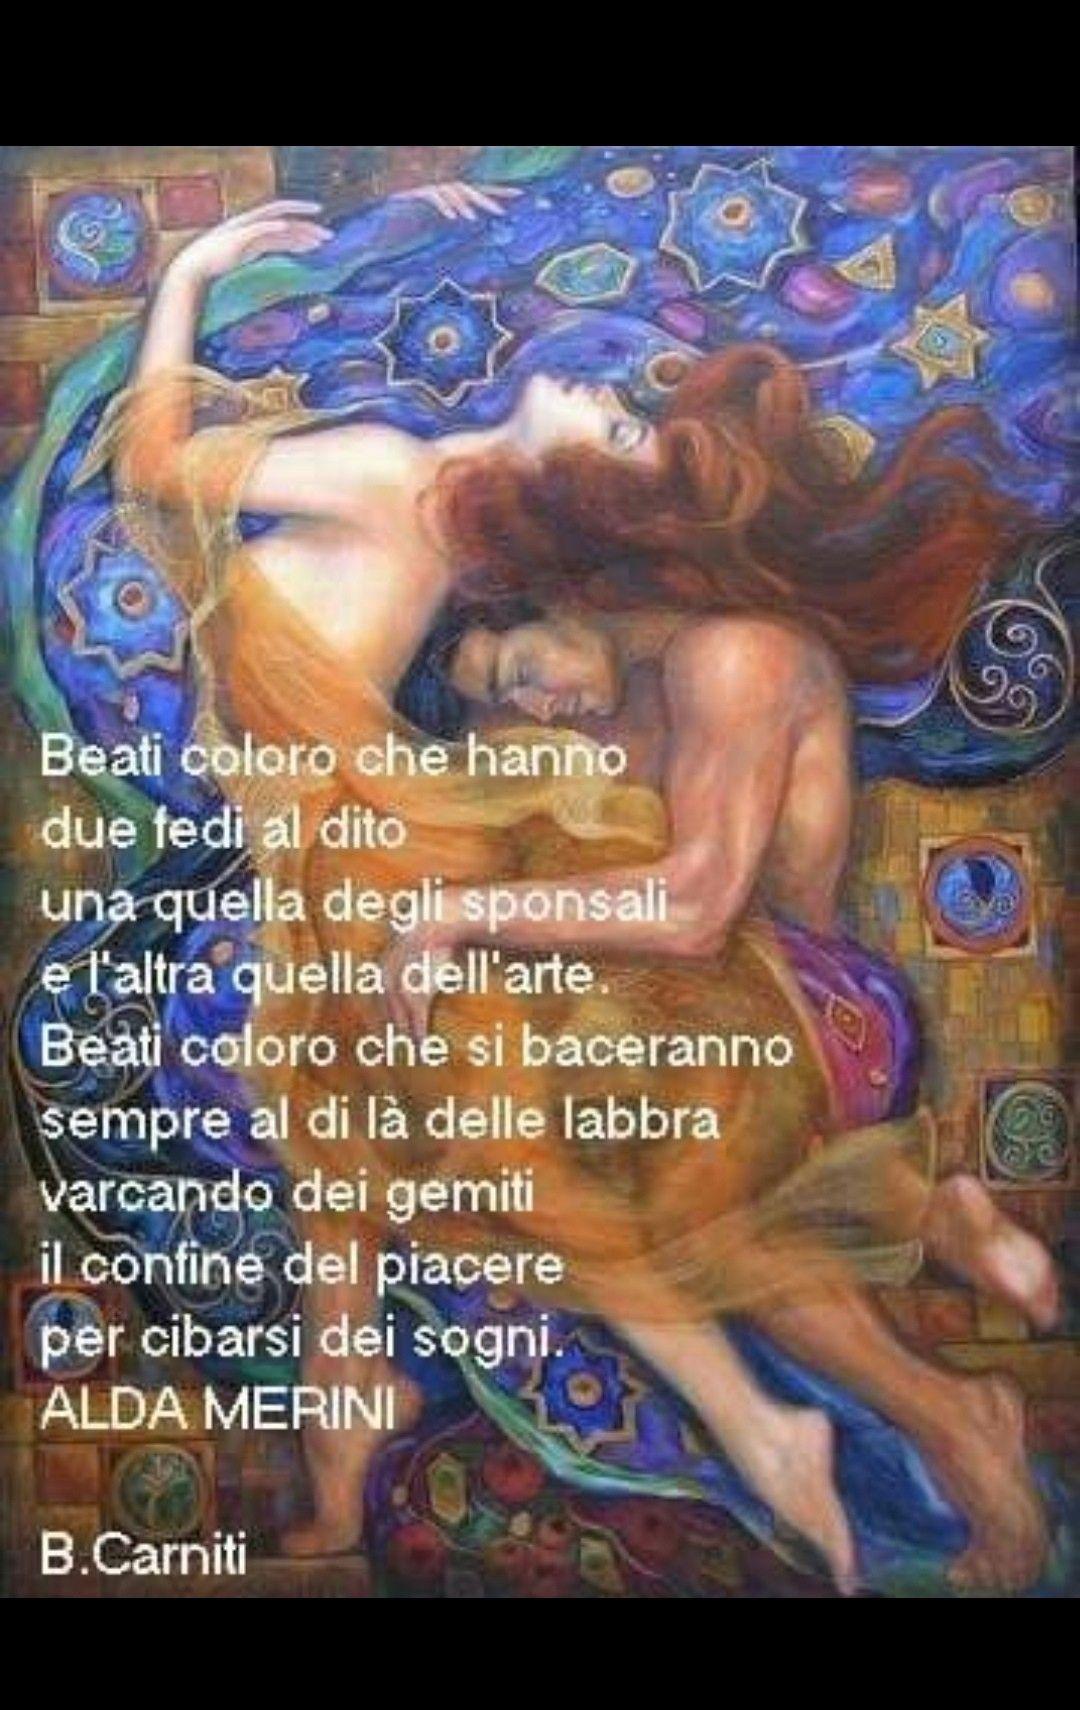 Frasi Di Klimt Sulla Vita.Pin Di Cristina Su Alda Merini Immagini D Amore Citazioni Sulla Vita Parole